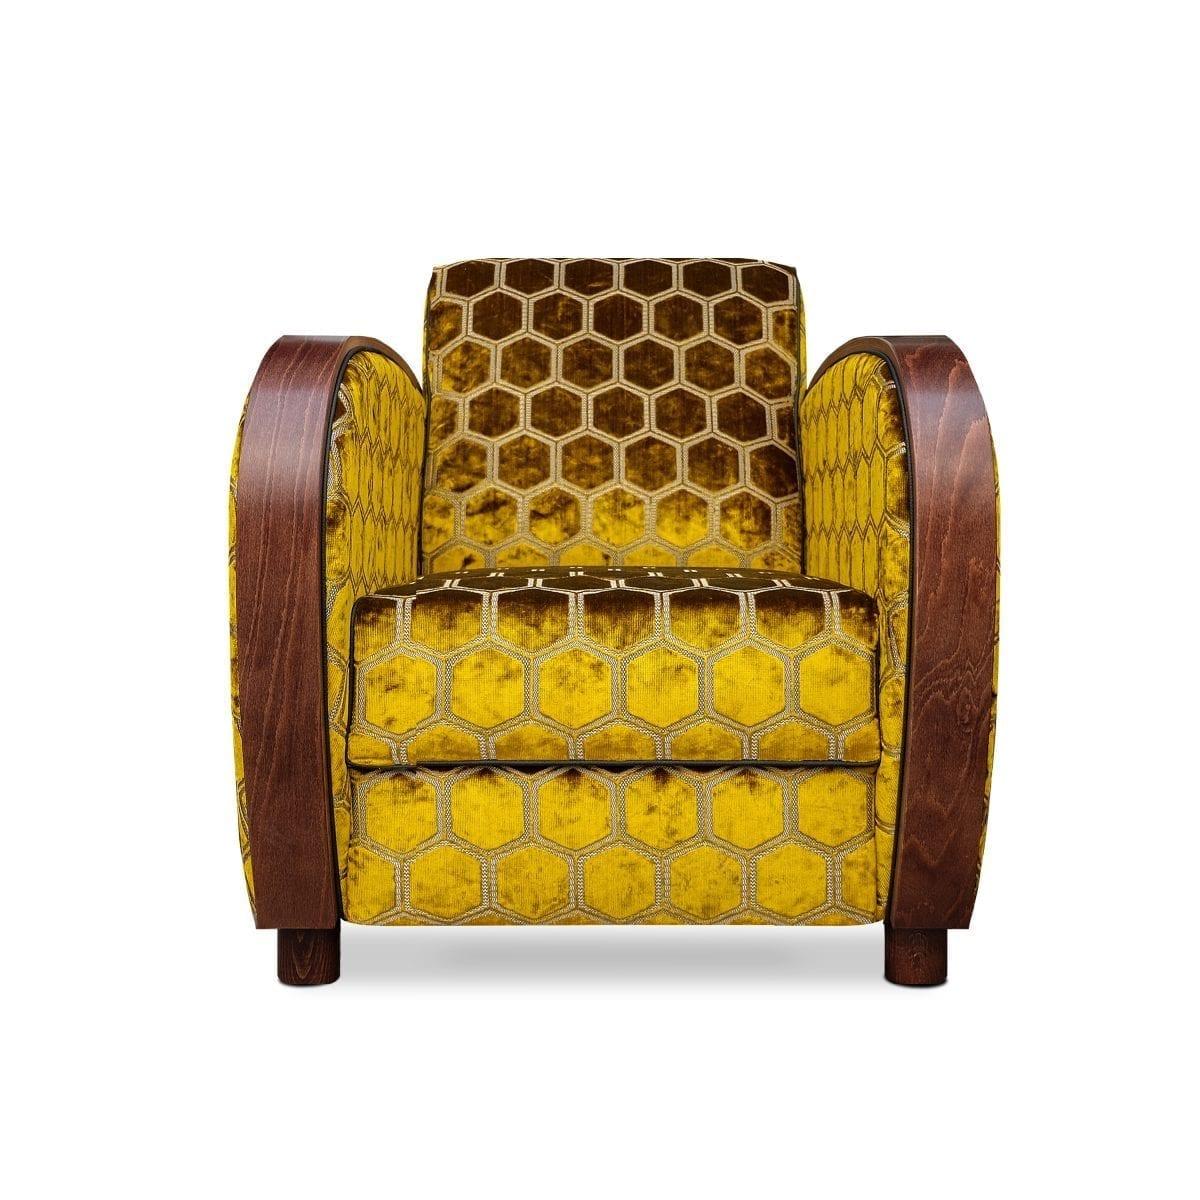 De rooker 02 fauteuil met de stof Manipur ochre van Designers Guild